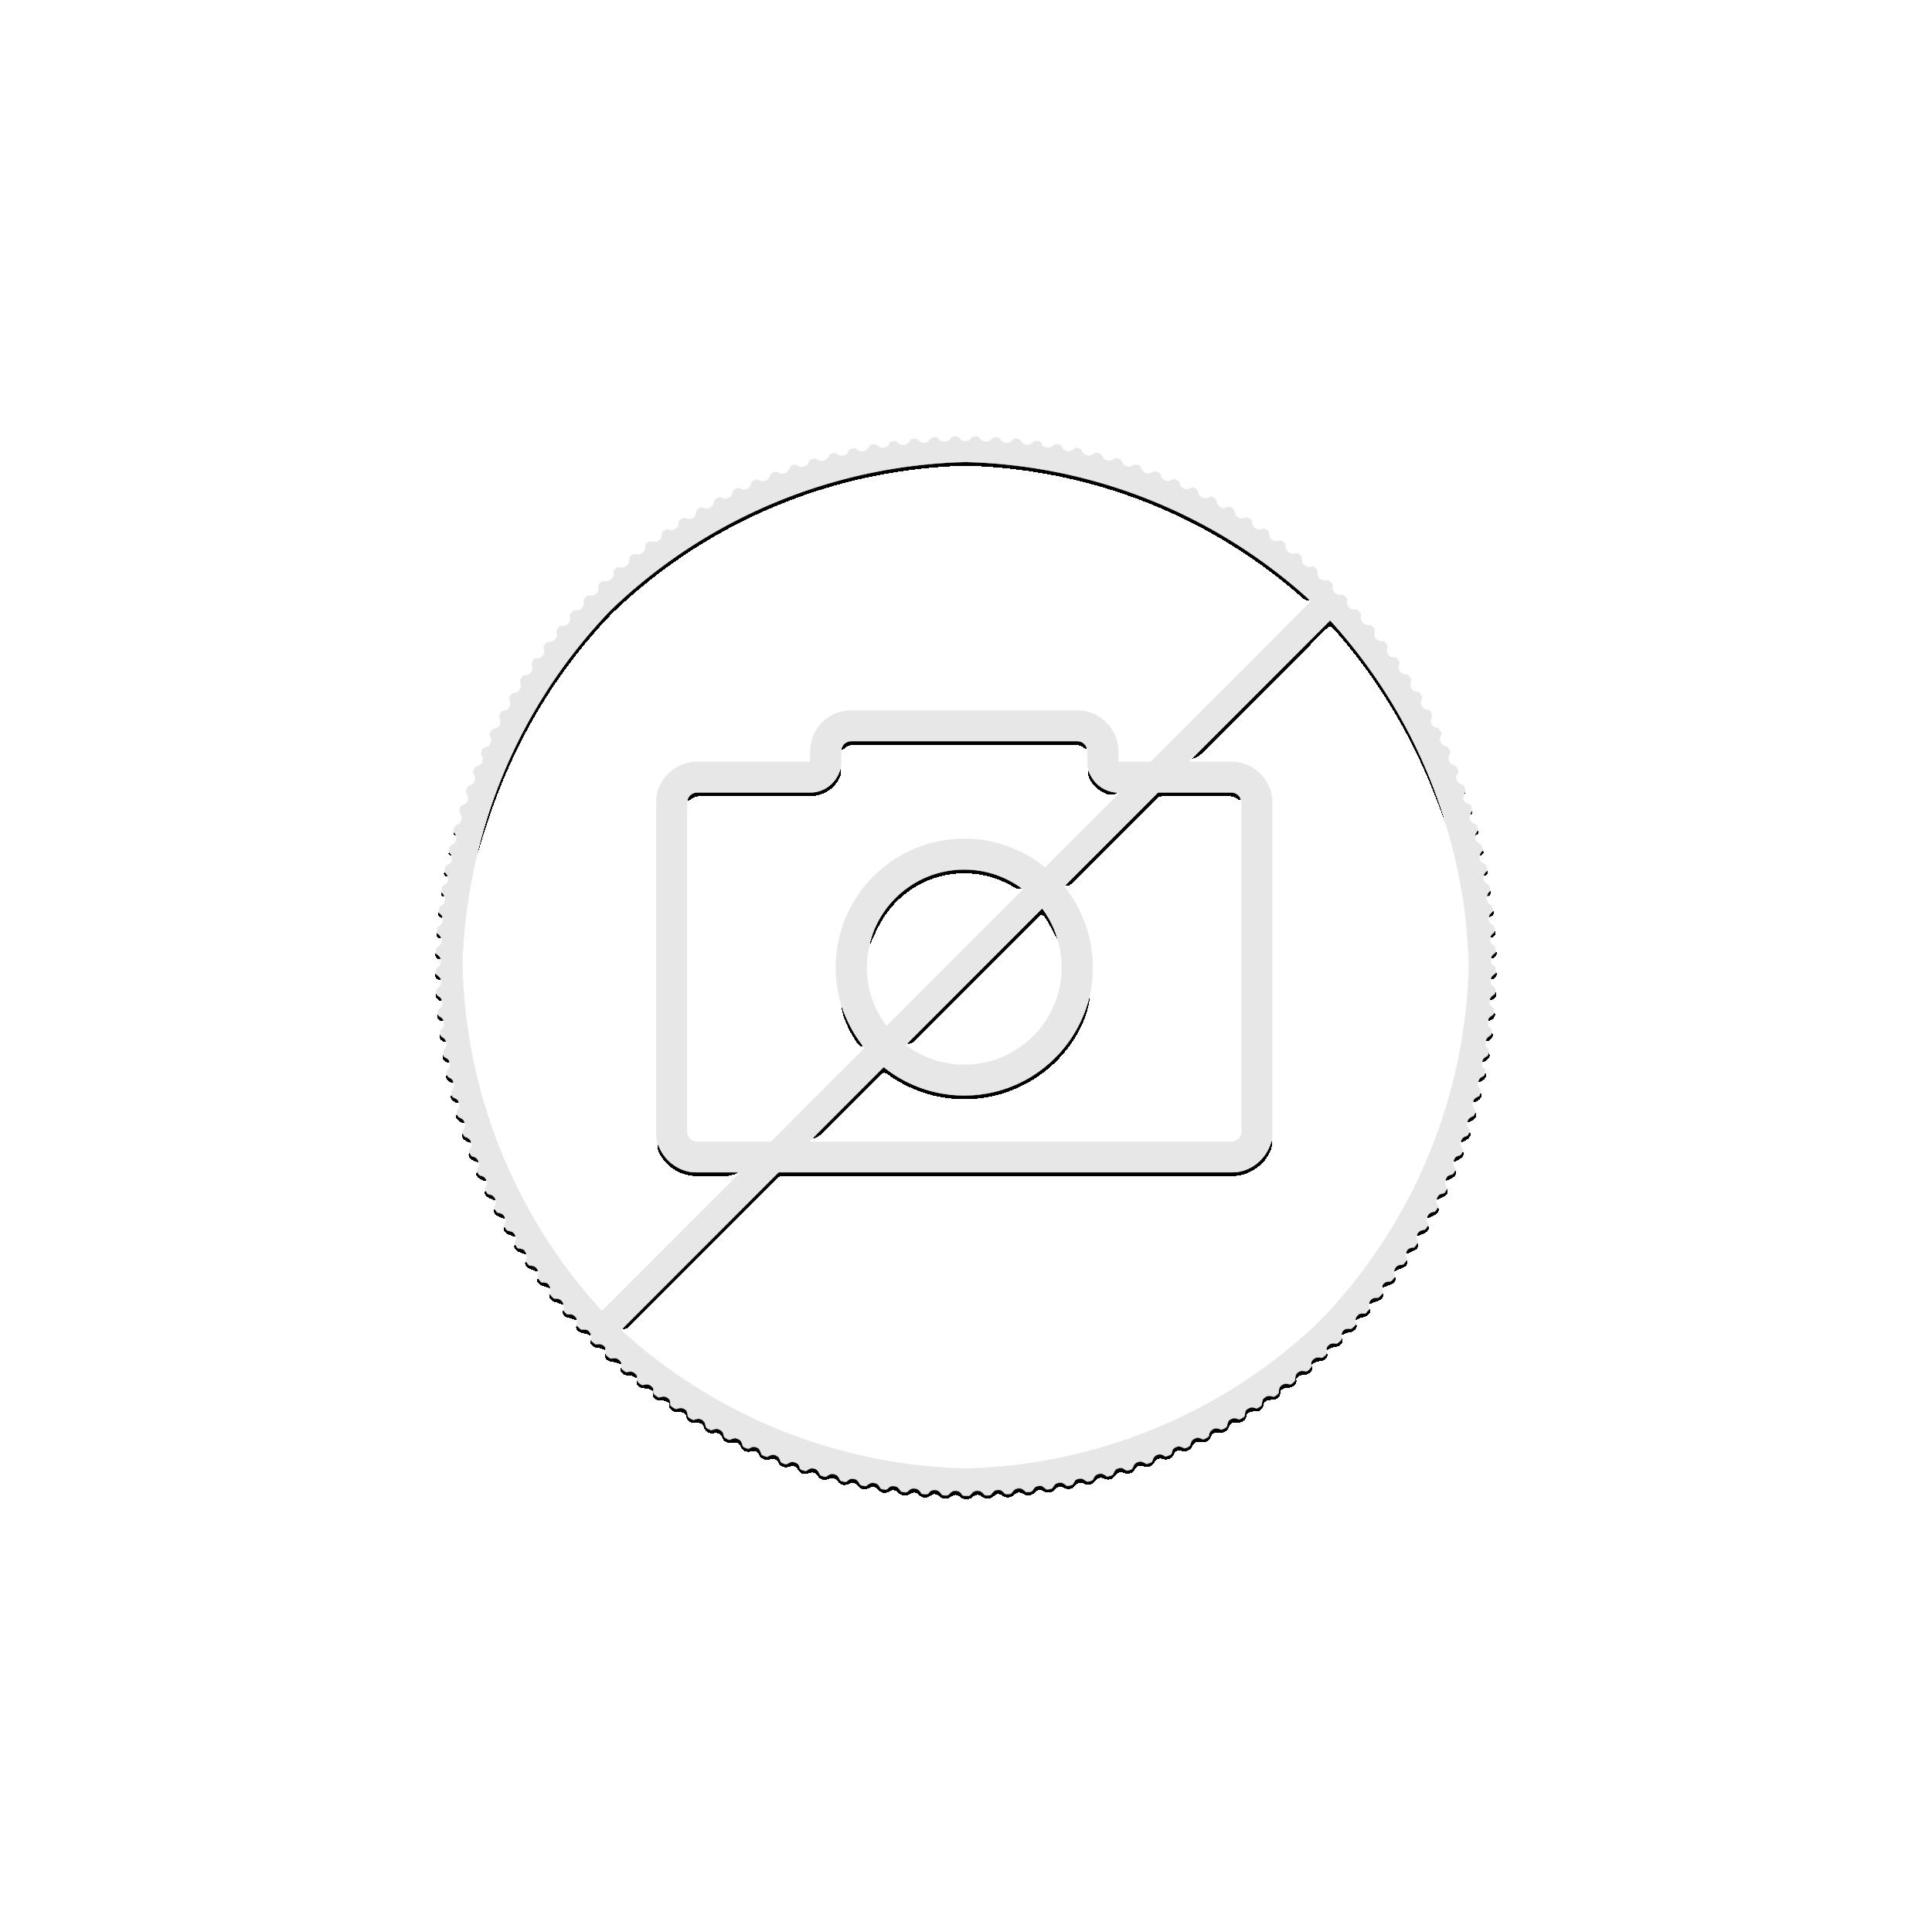 1 troy ounce zilveren munt Maple Leaf Chameleon 2020